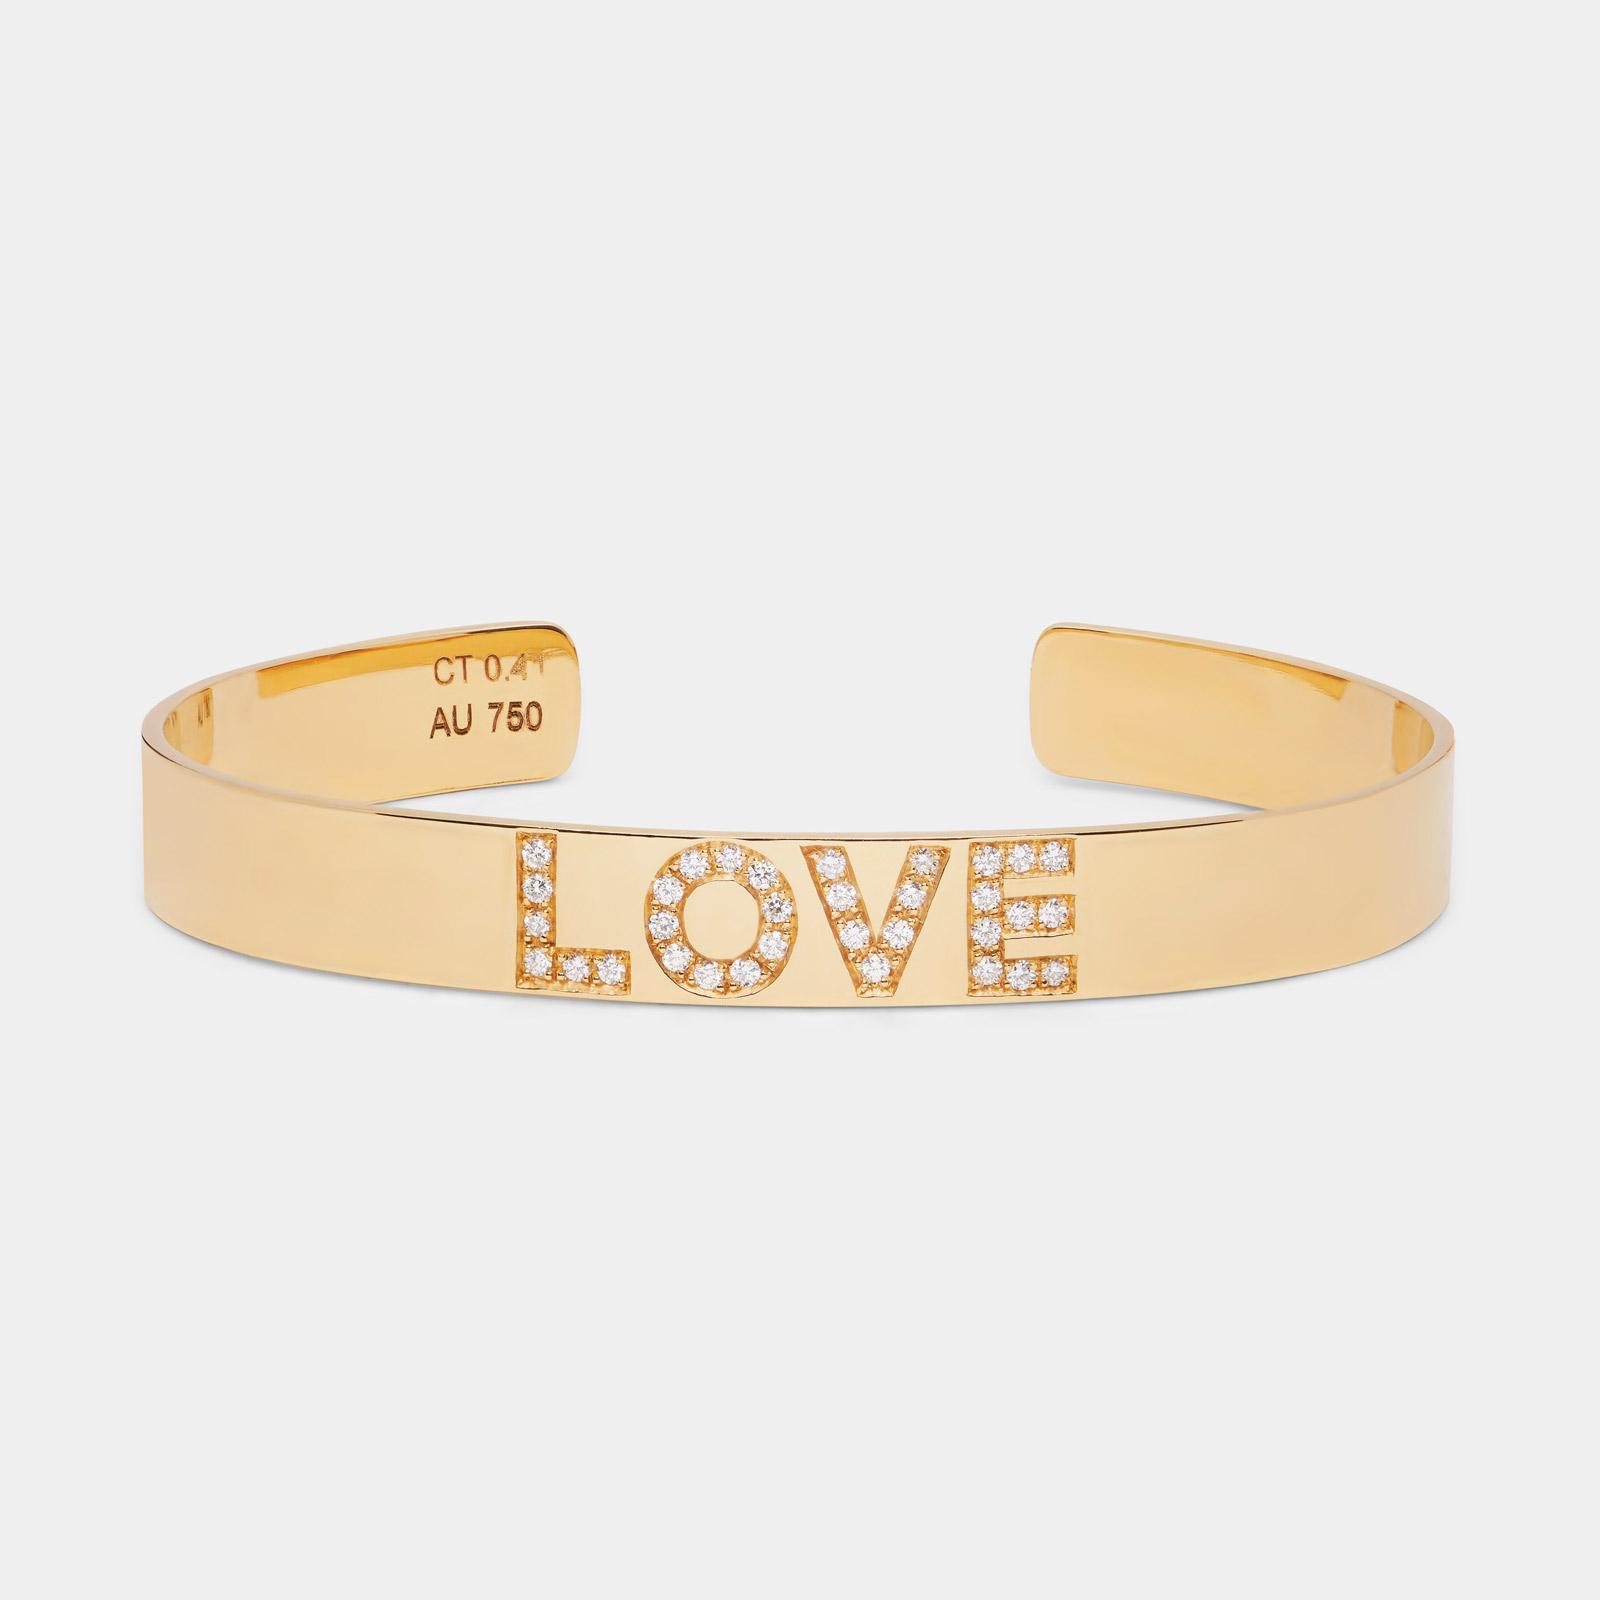 Rosanna Cattolico - Bracciale manetta aperta personalizzato in oro giallo e diamanti